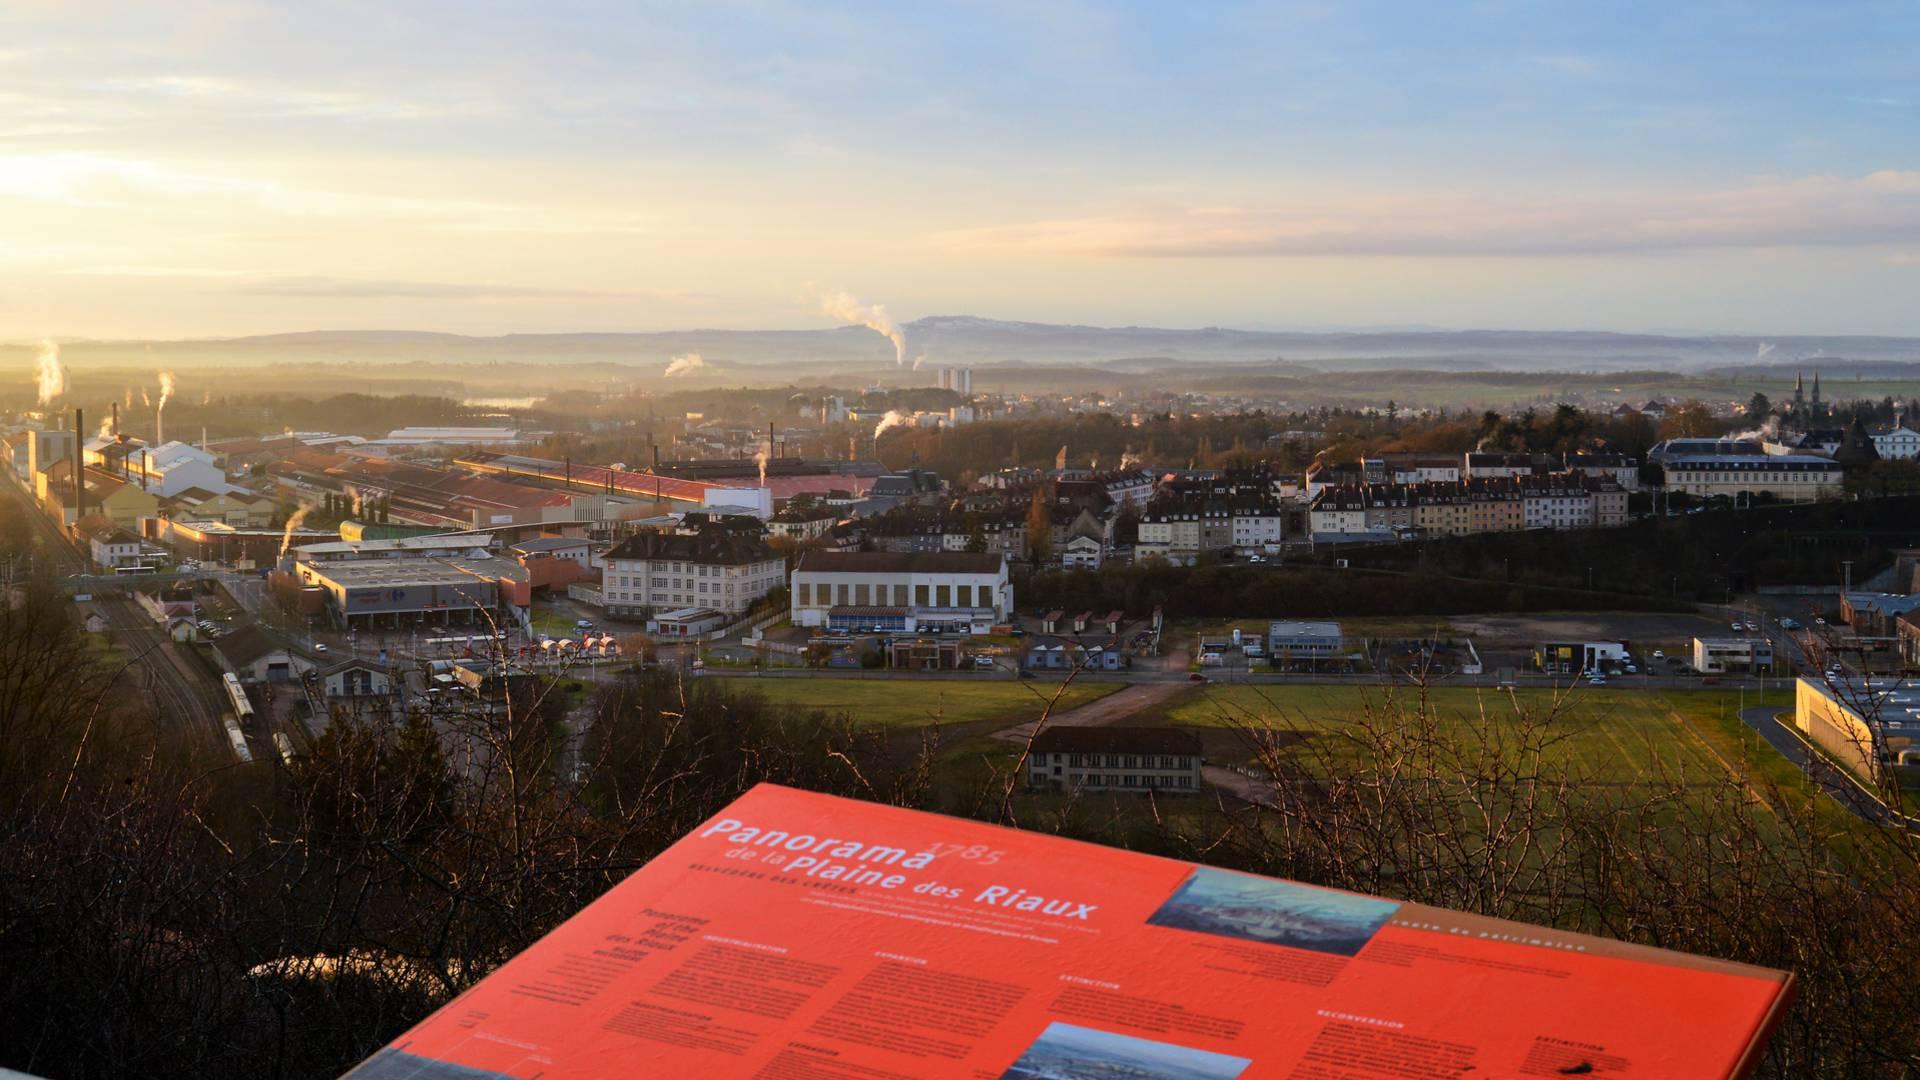 Panorama sur la ville du Creusot depuis le belvédère des Crêtes. © Creusot Montceau Tourisme.